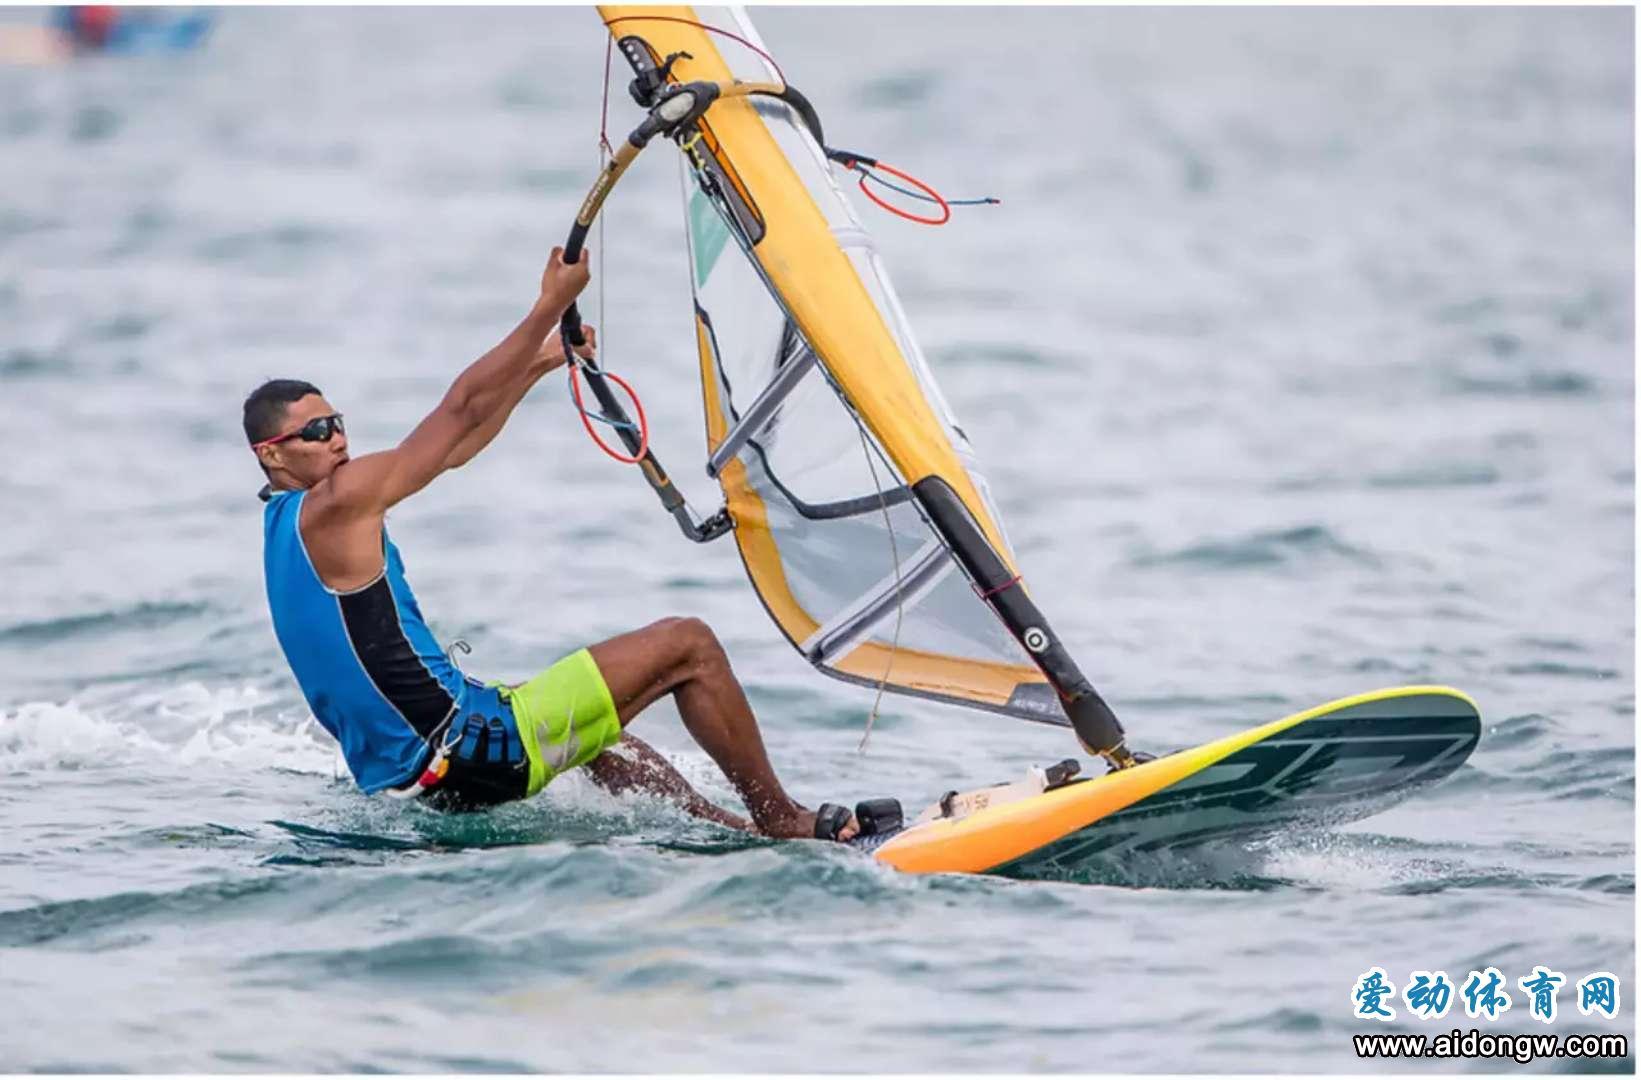 中国国家帆船帆板队举行体能大比武 biwei必威体育备用网站选手毕焜夺得男子组头名